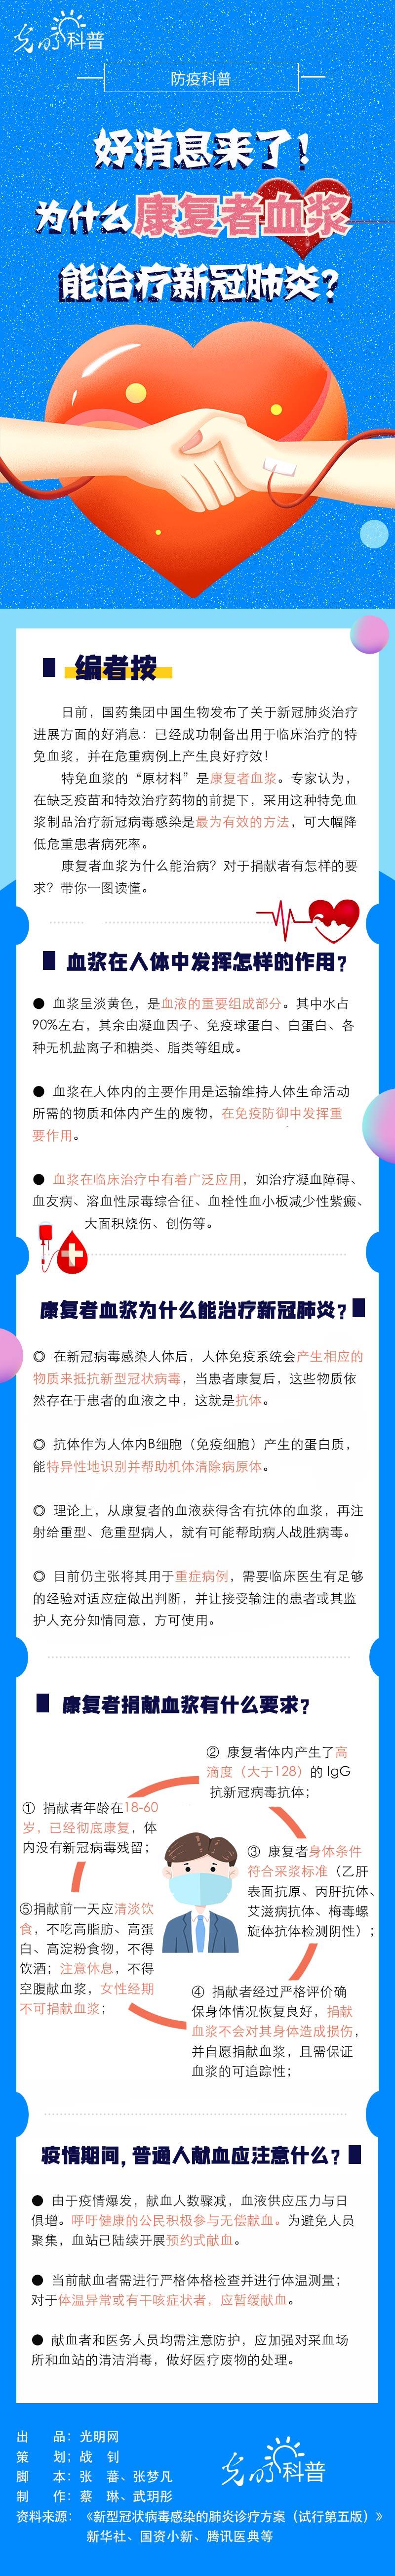 【防疫科普】好消息来了!为什么康复者血浆能治疗新冠肺炎?